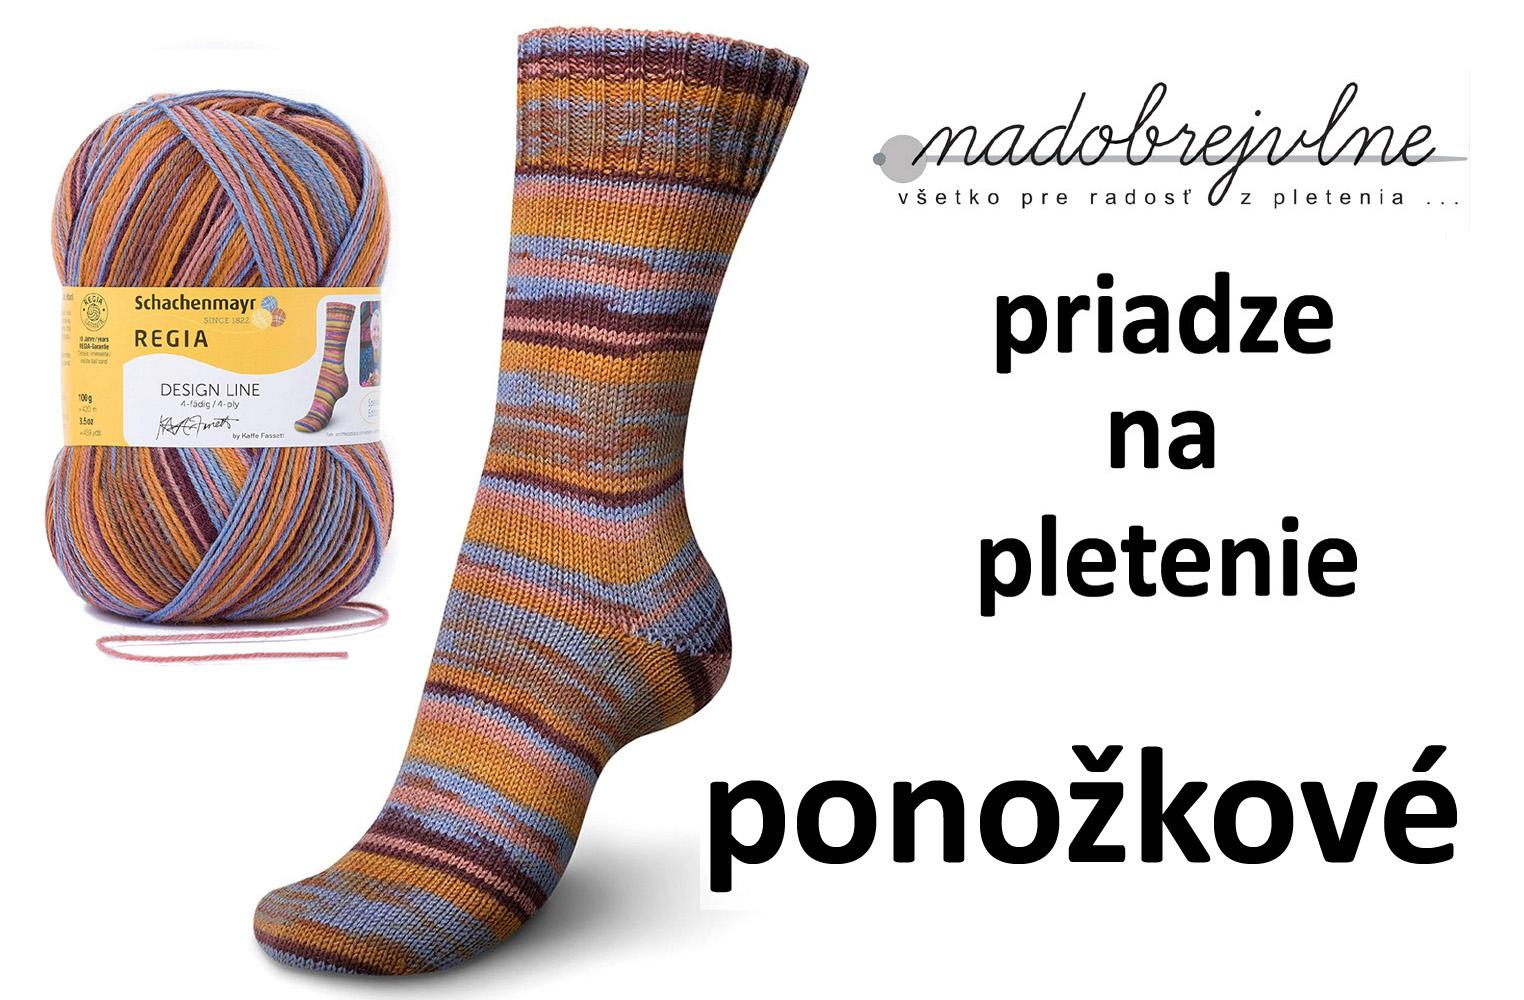 ponozkove priadze